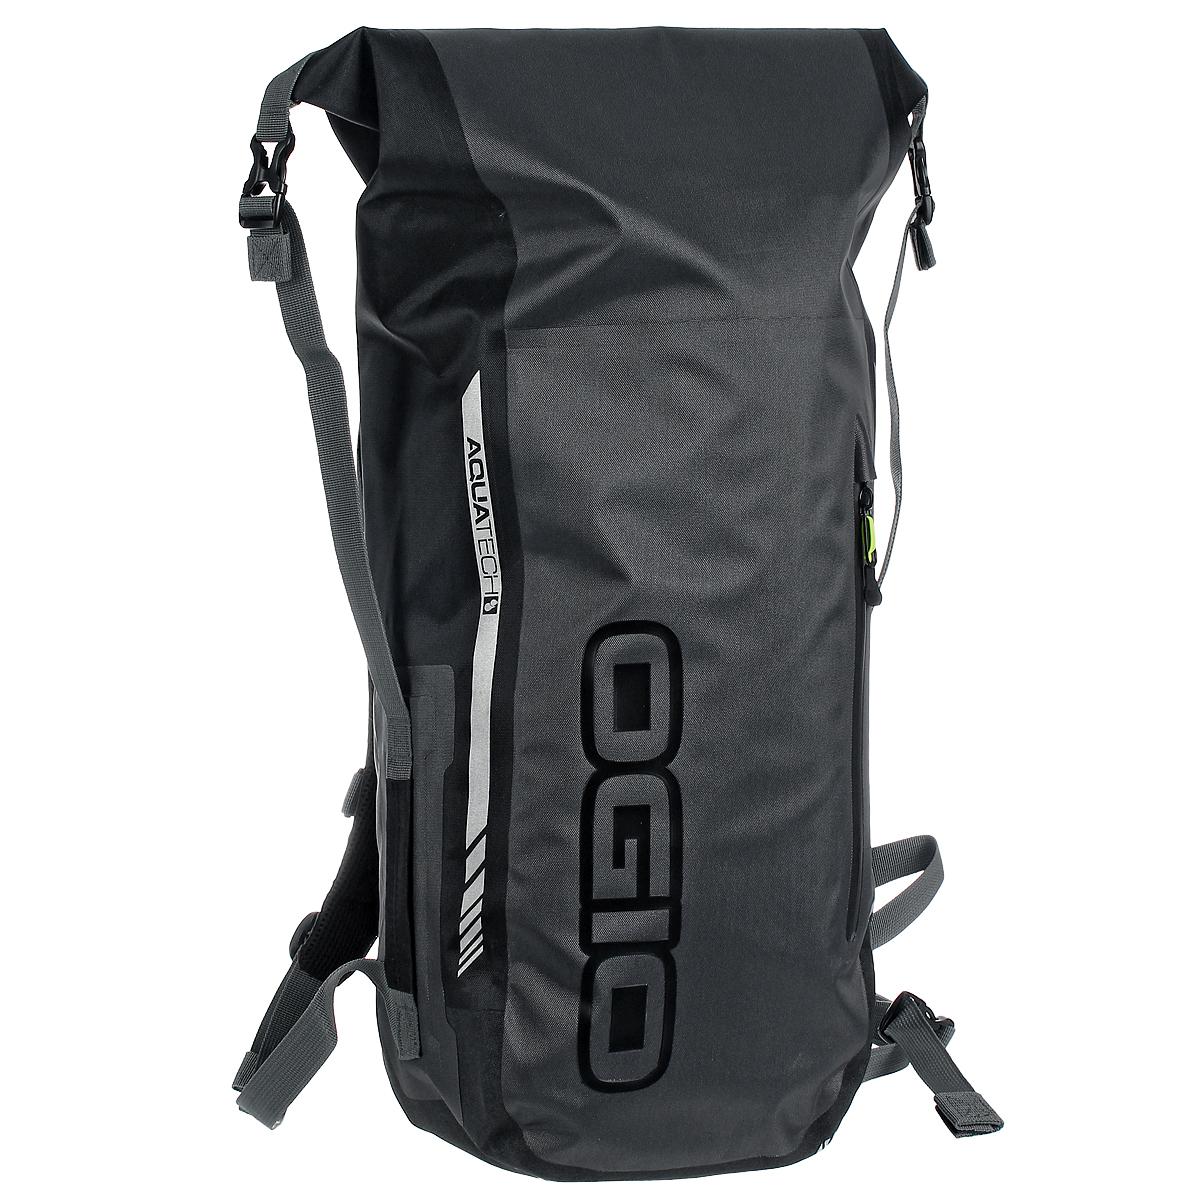 Рюкзак водонепроницаемый Ogio All Elements Pack Stealth, цвет: черныйL-DL90738Ogio All Elements Pack Stealth - полностью водонепроницаемый рюкзак. Большое отделение для ноутбука и планшета. Фронтальный карман быстрого доступа на молнии для мелочей и аксессуаров с прорезиненной молнией. Специальный карман надежно разместит и защитит ноутбуки с диагональю экрана до 15. Двойные наплечные ремни и ремень на грудь с регулятором в двух направлениях. Теперь Вам не страшны дожди и вода, вещи останутся сухими!